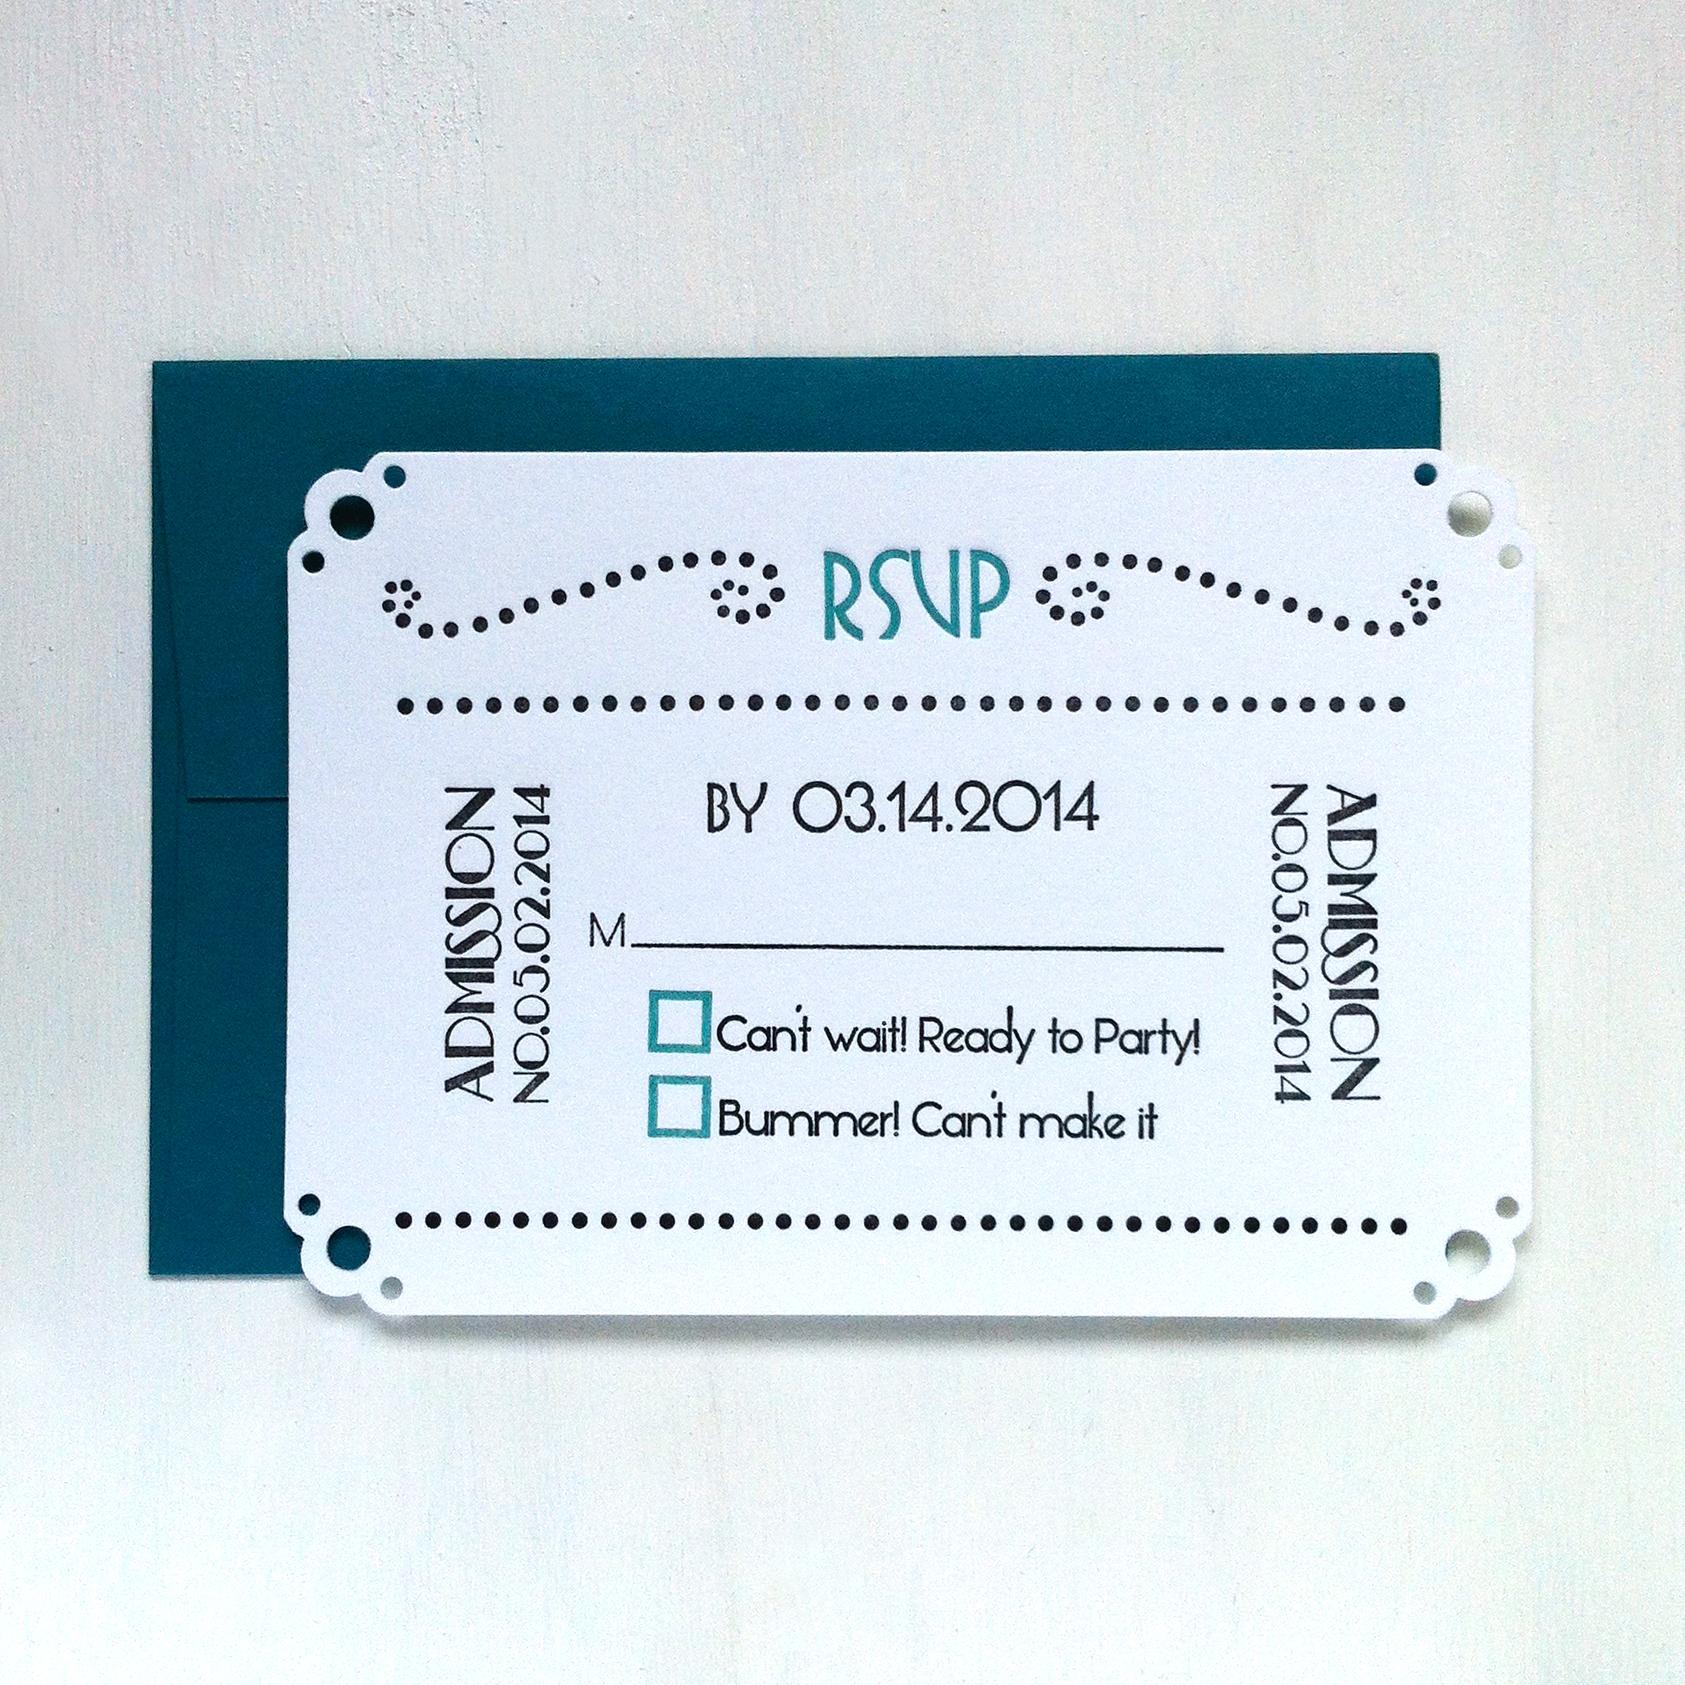 teal_black_wedding_rsvp_full_letterpress.jpg